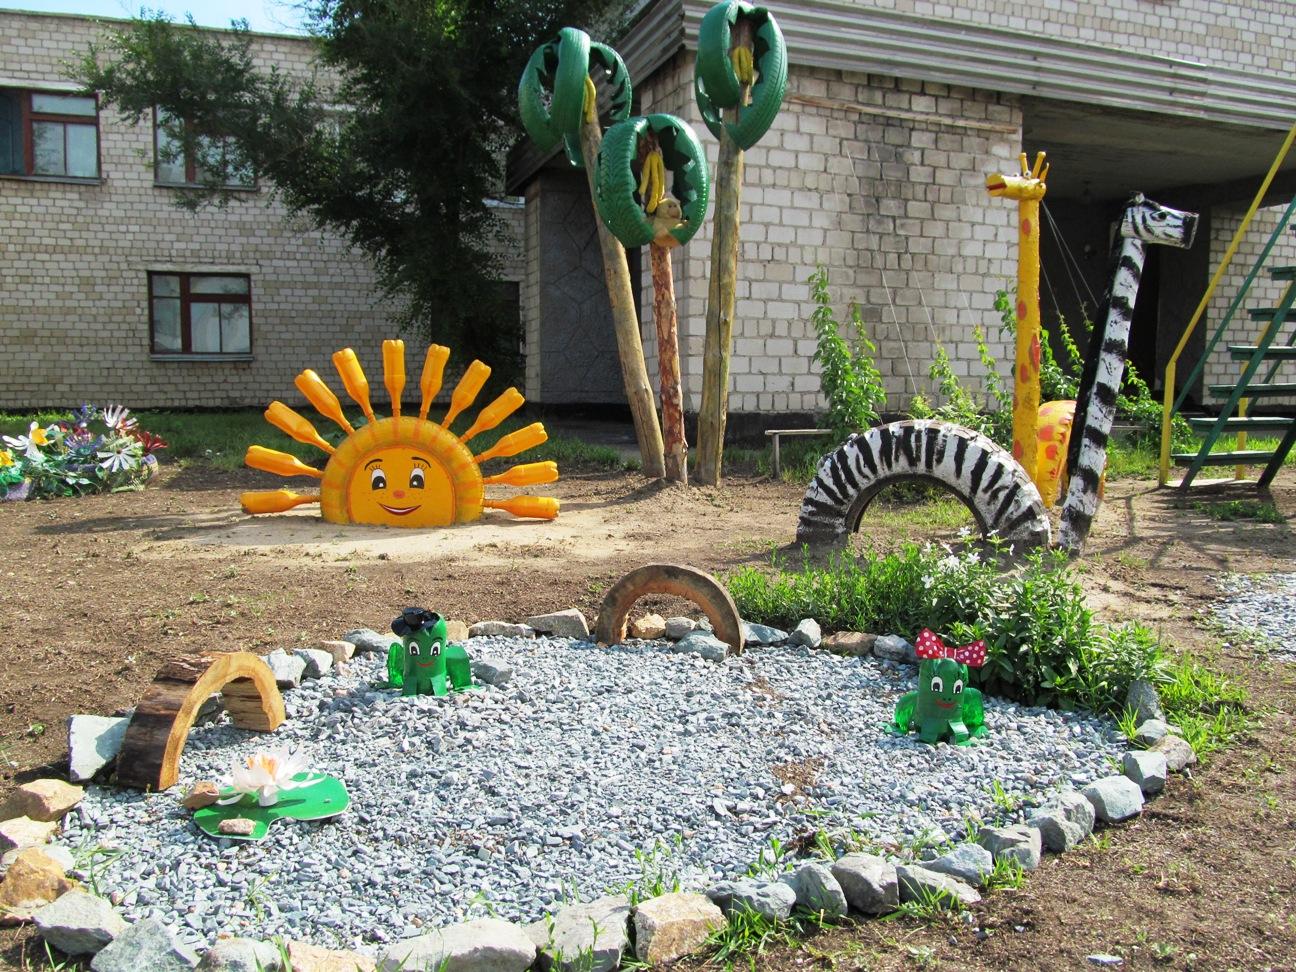 Идеи оформления детской площадки в детском саду своими руками фото